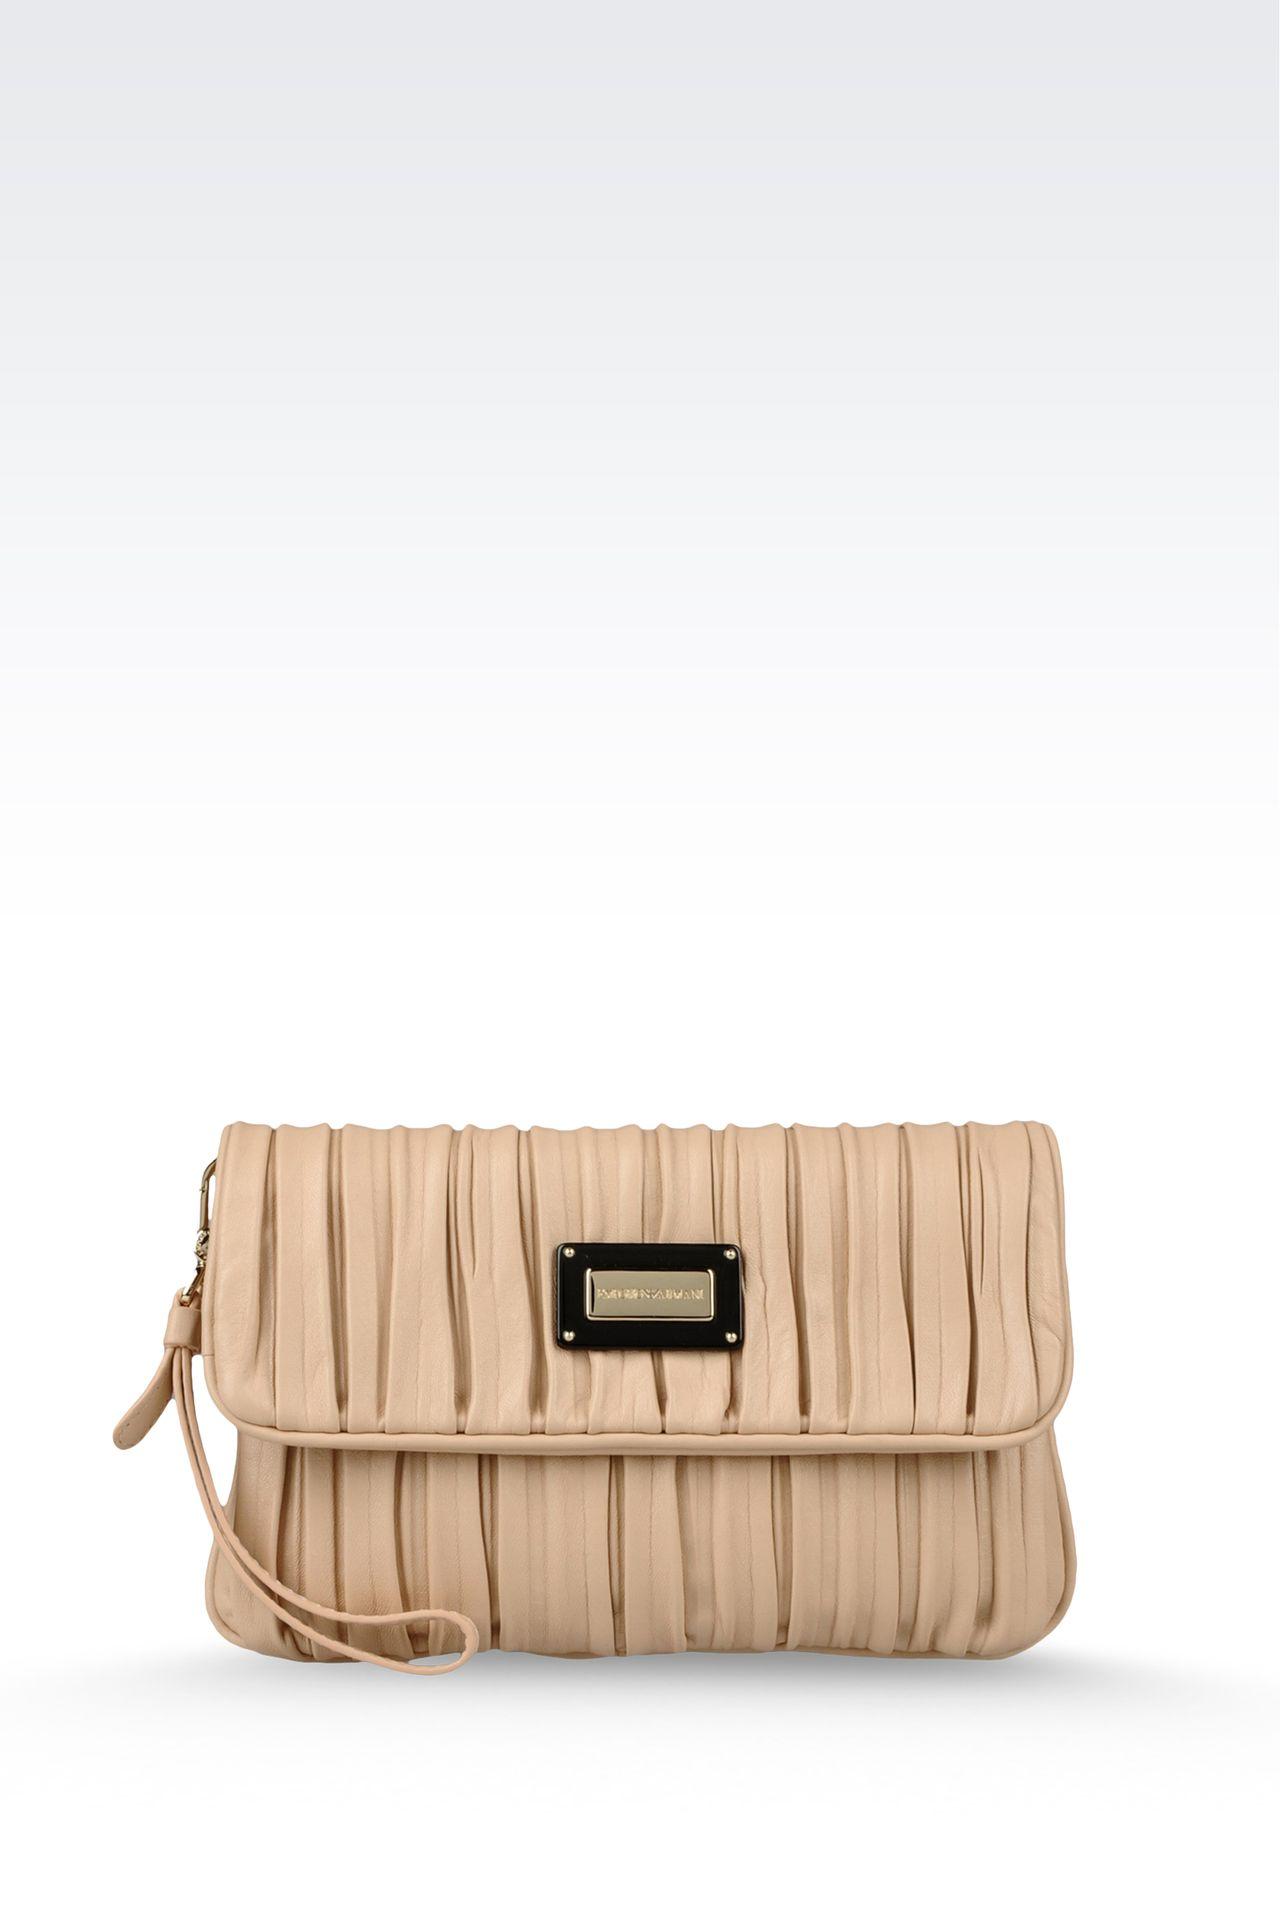 100% 羊皮 经典款柔软羊皮褶皱设计 磁性封口 内部拉链口袋 手包